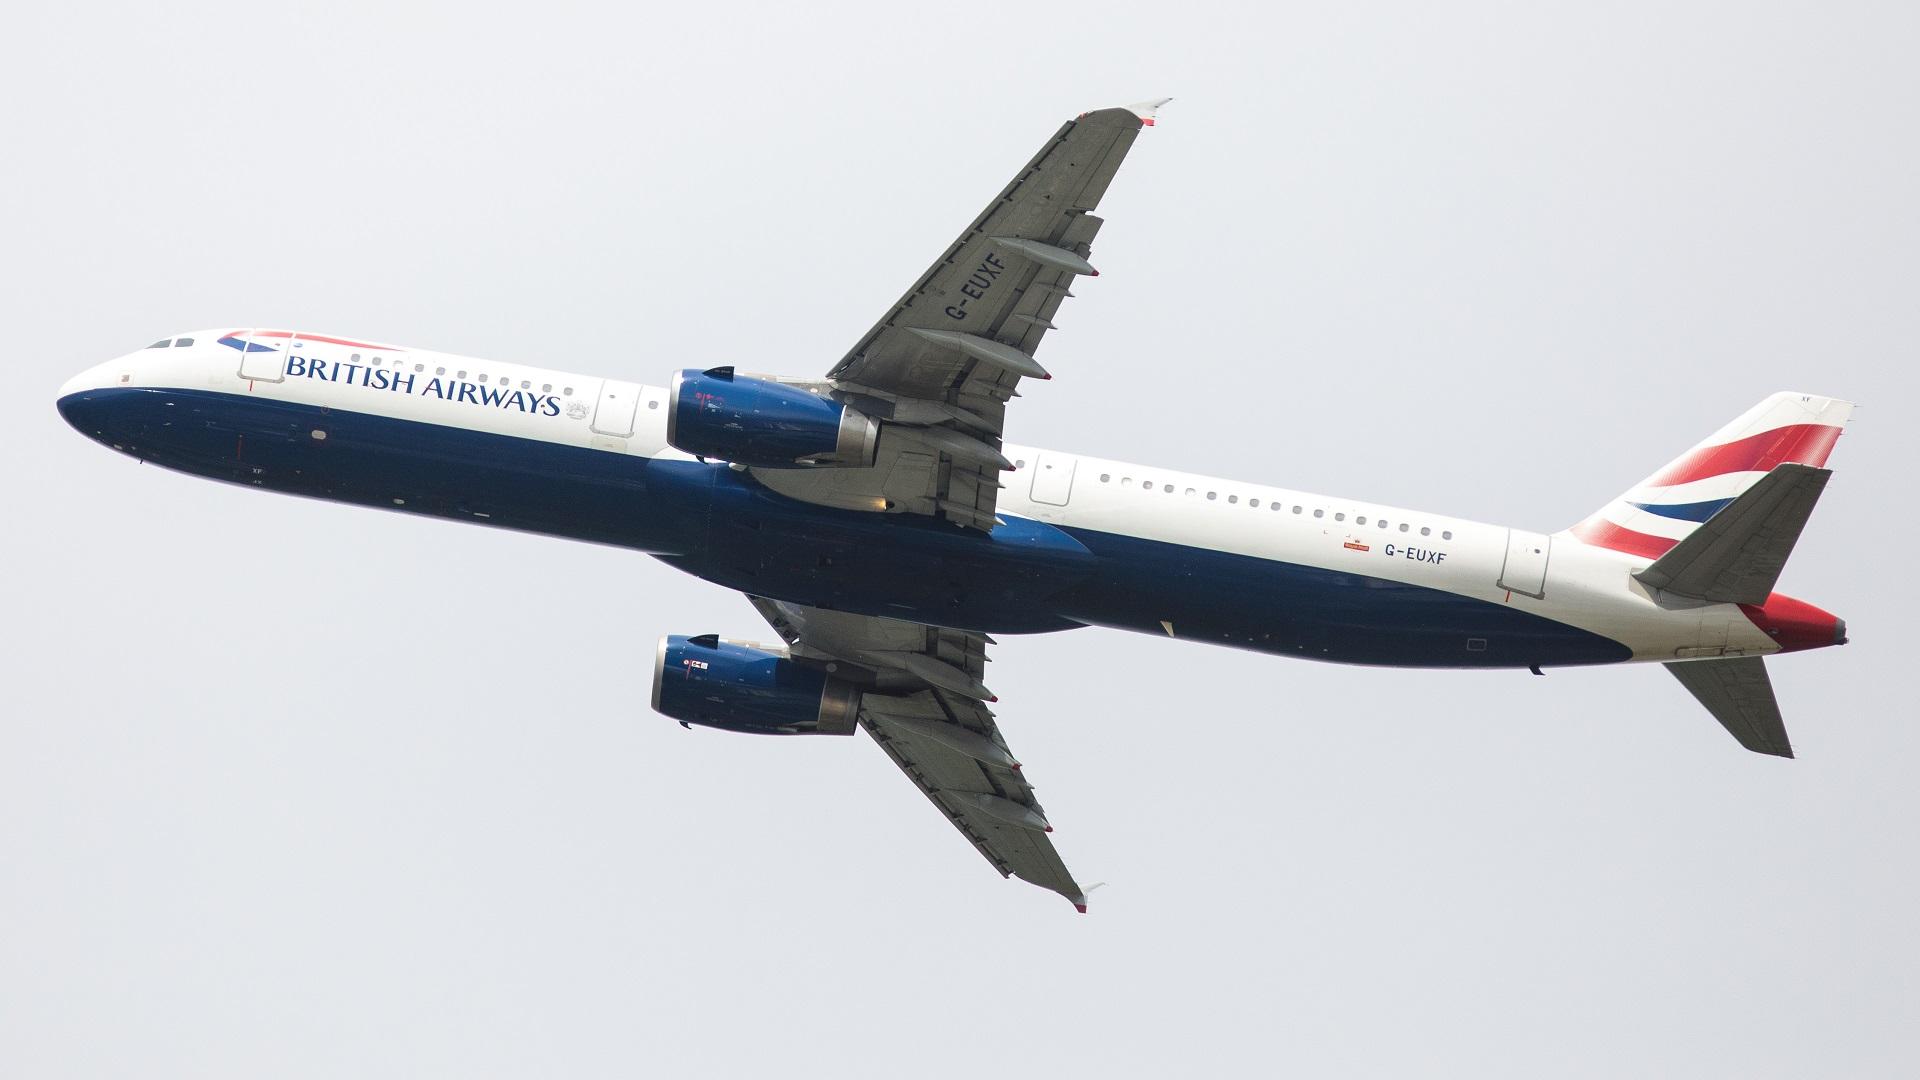 BRITISH AIRWAYS PLANE-846652698